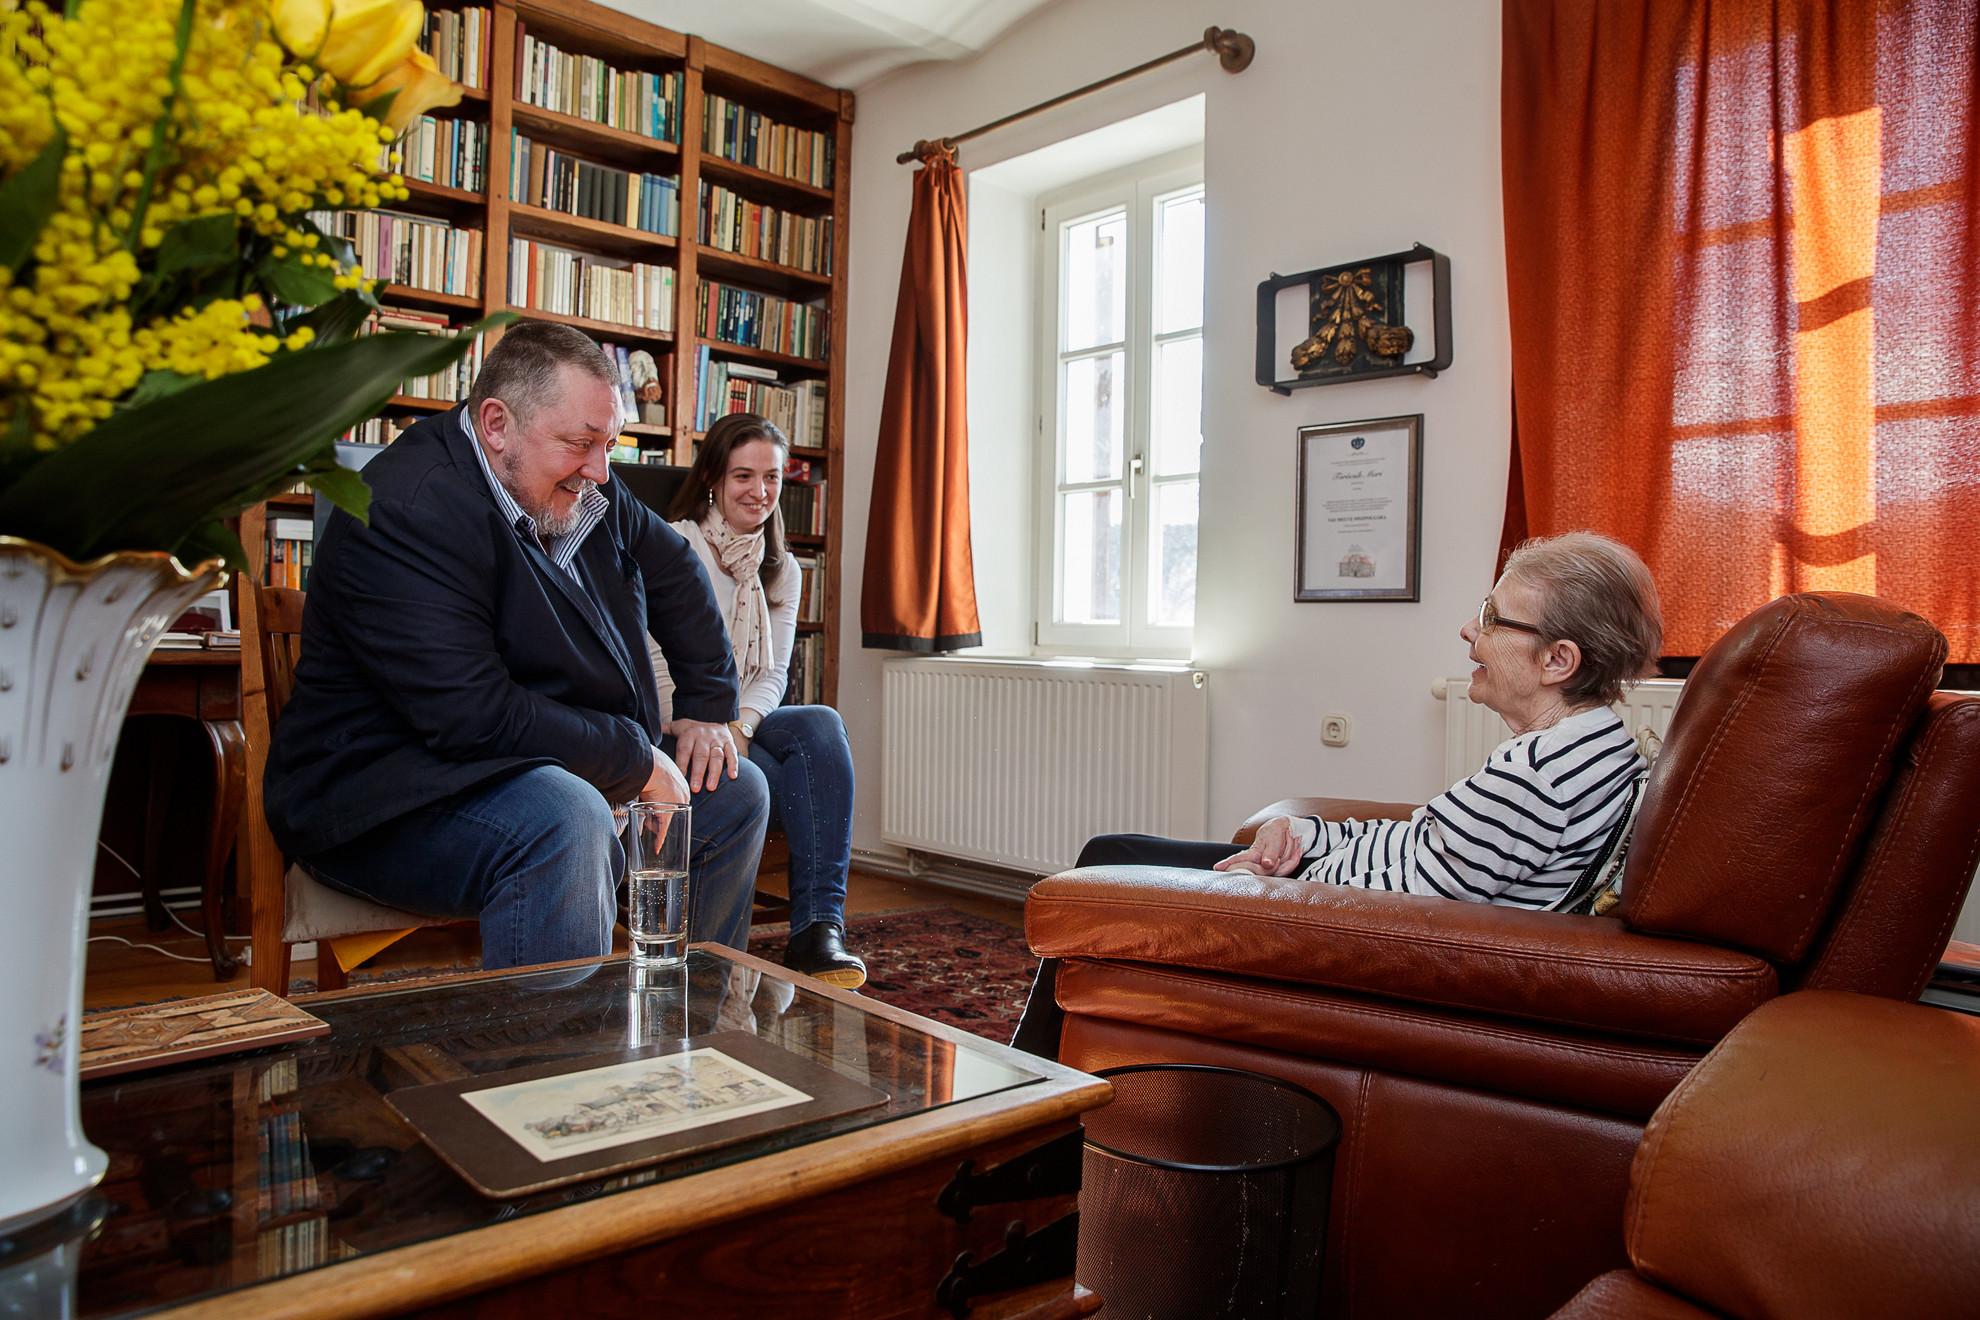 Törőcsik Marit meglátogatja otthonában igazgatója, Vidnyánszky Attila